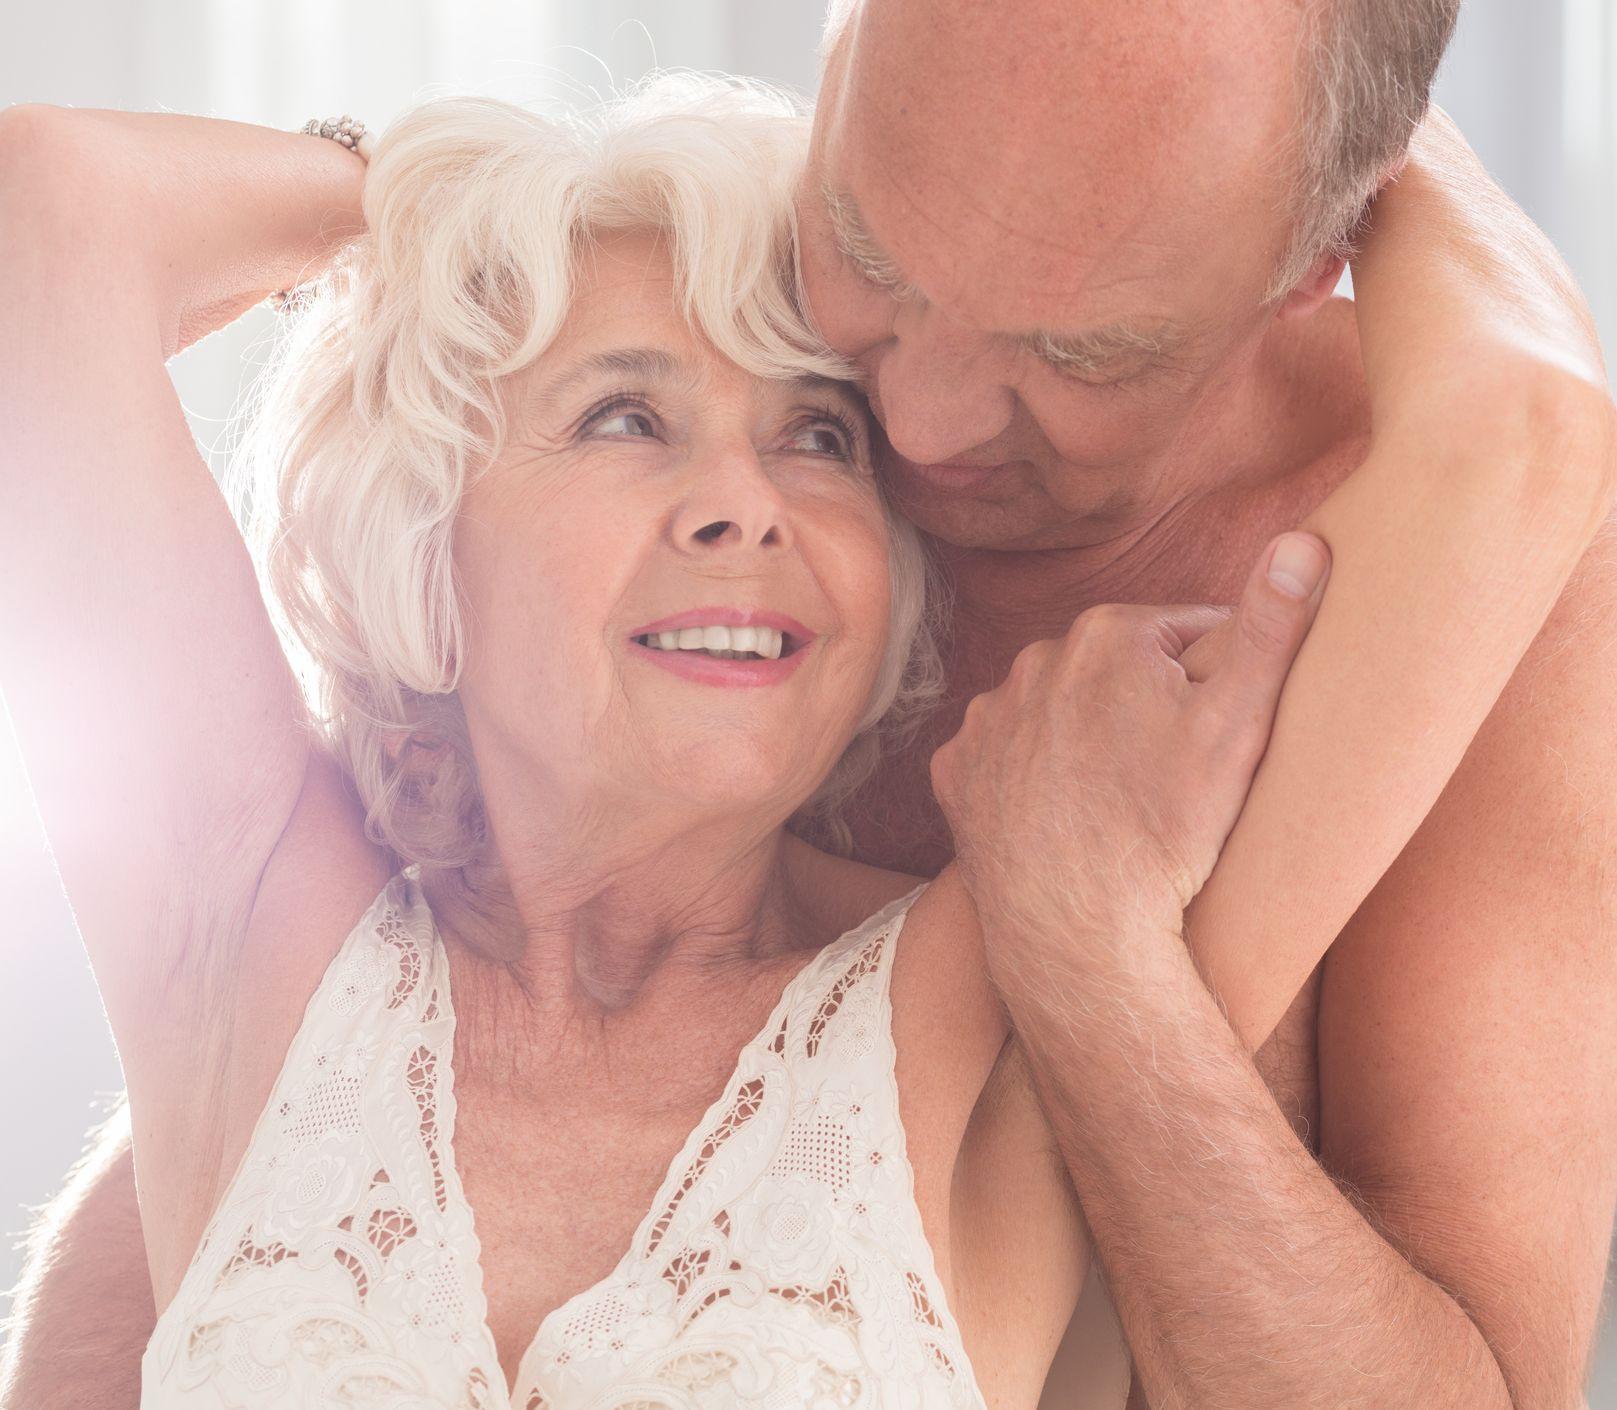 Päť tajomstiev sexuálne zrelých párov: Ako sa dopracovať k spokojnosti v posteli?